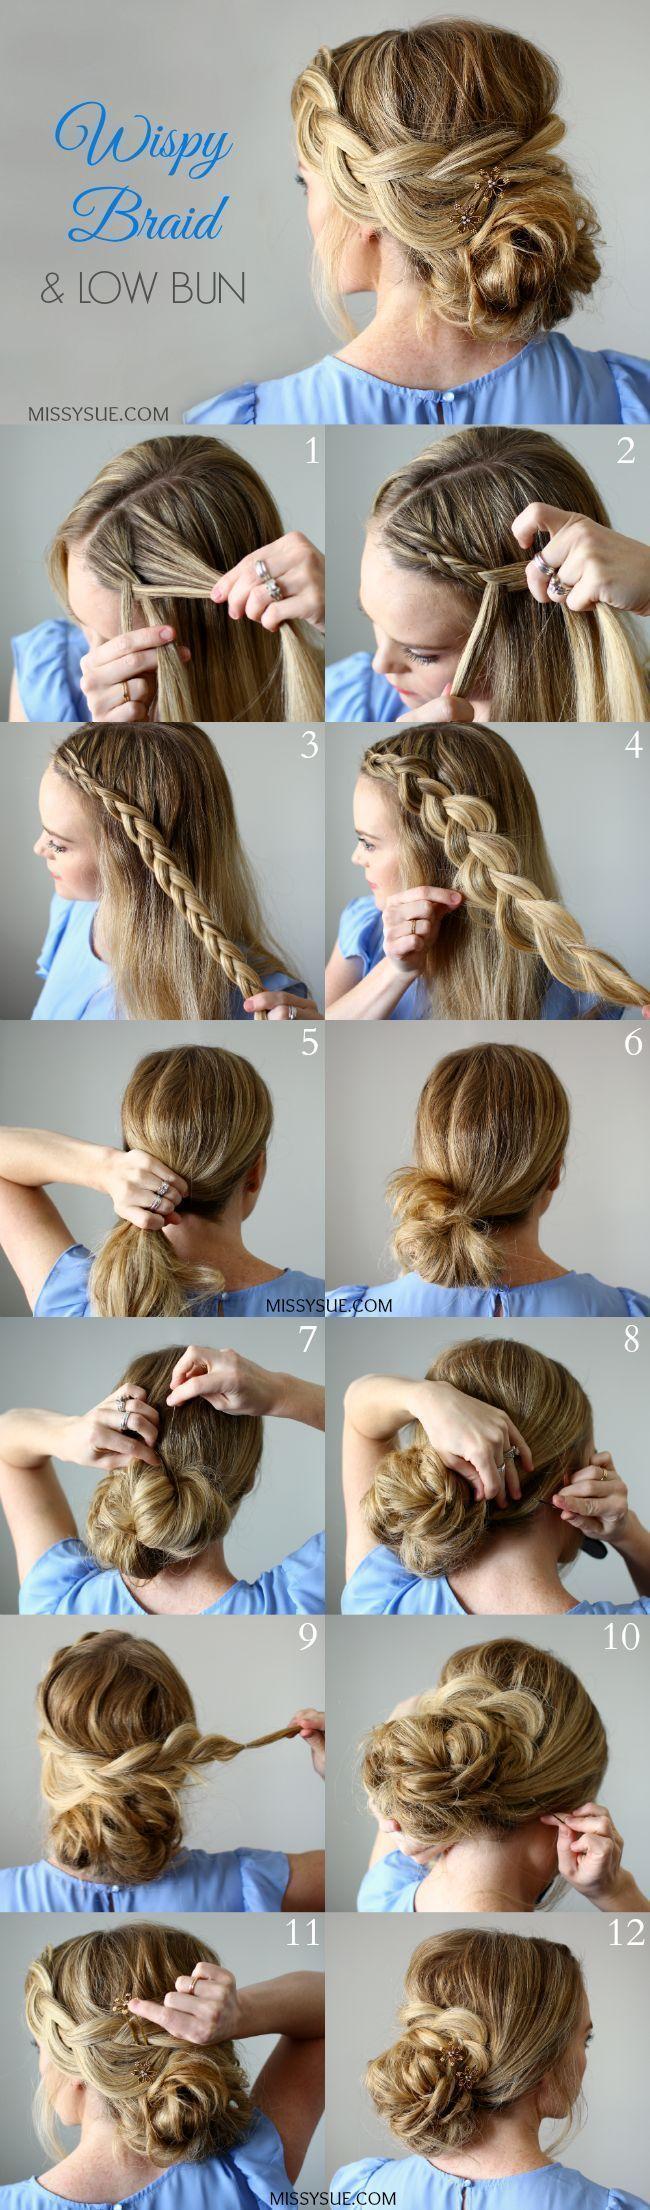 25 + ›25 instrucciones paso a paso para actualizaciones de cabello hermoso Tendencia – Desde …